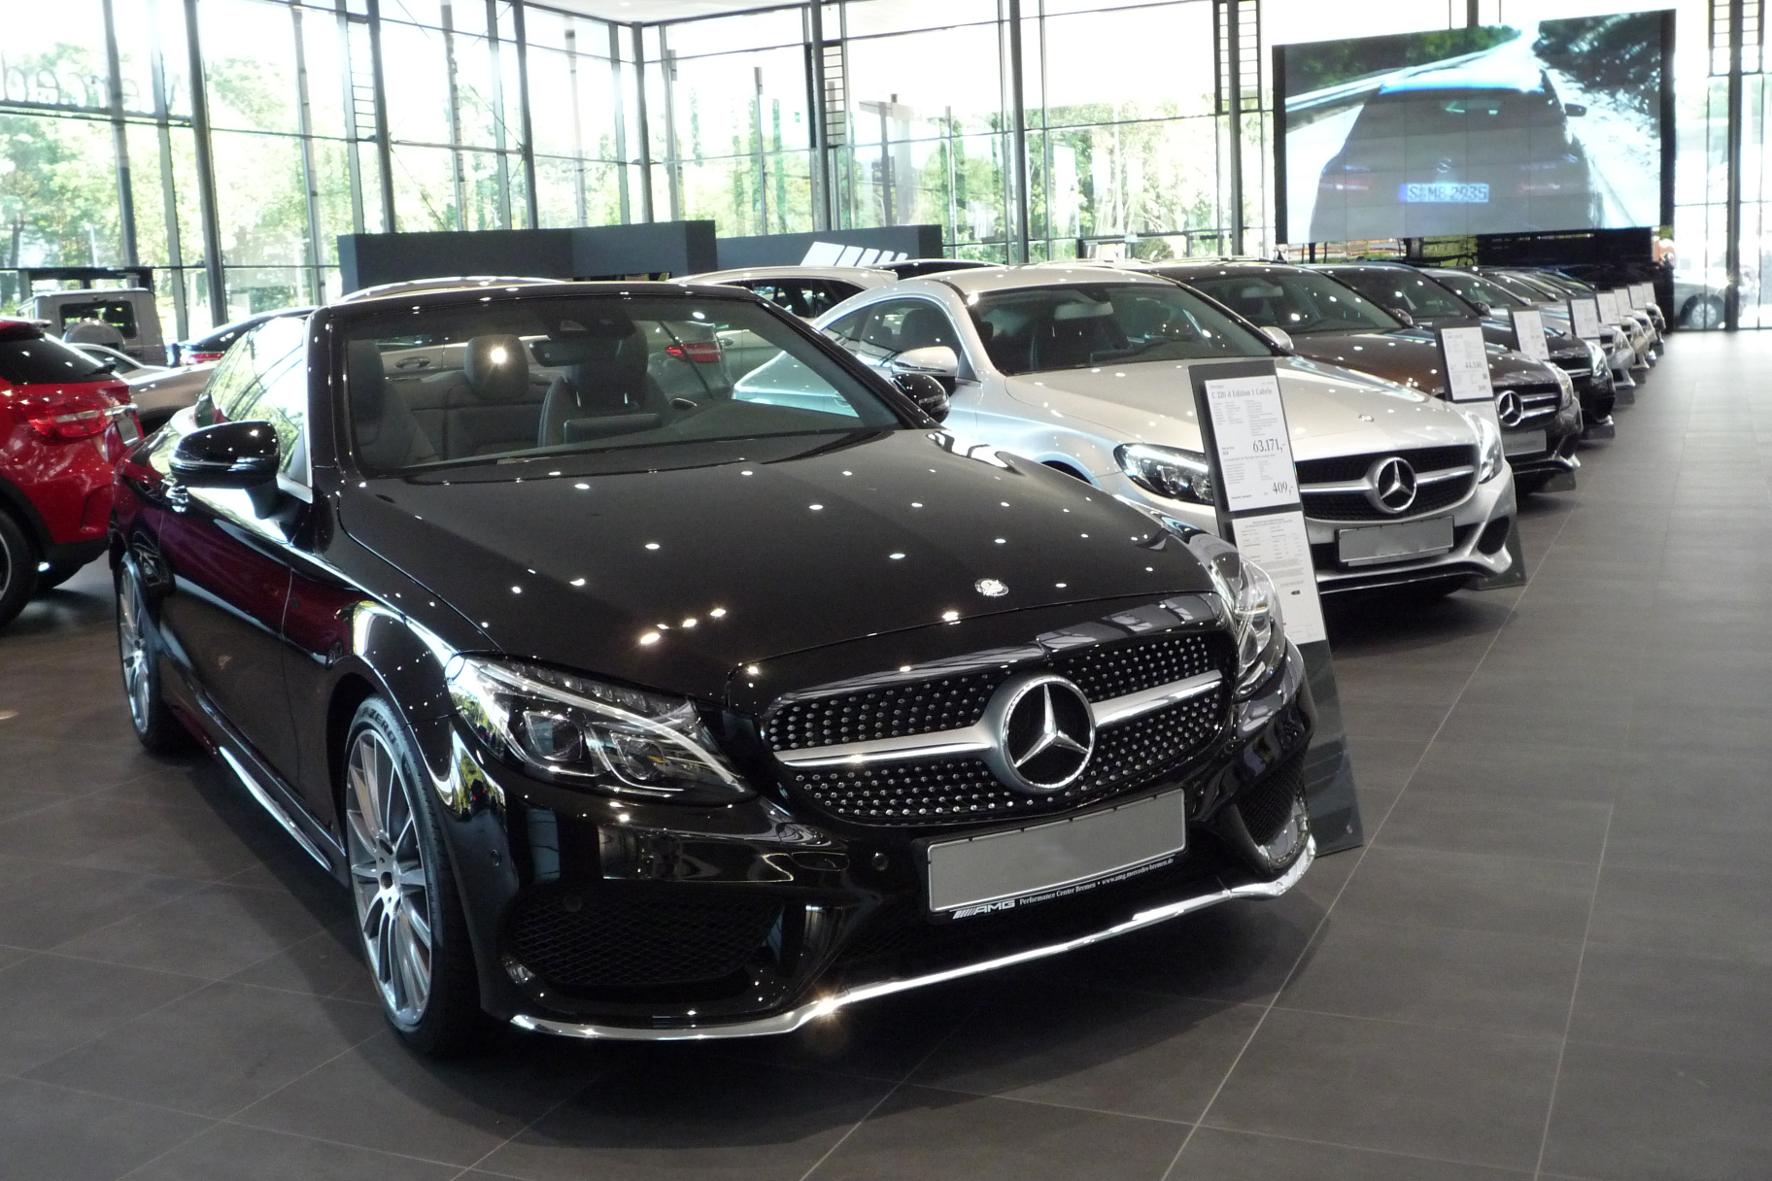 mid Groß-Gerau - Der Pkw-Markt hat in Deutschland im Juli 2019 kräftig zugelegt. Daimler